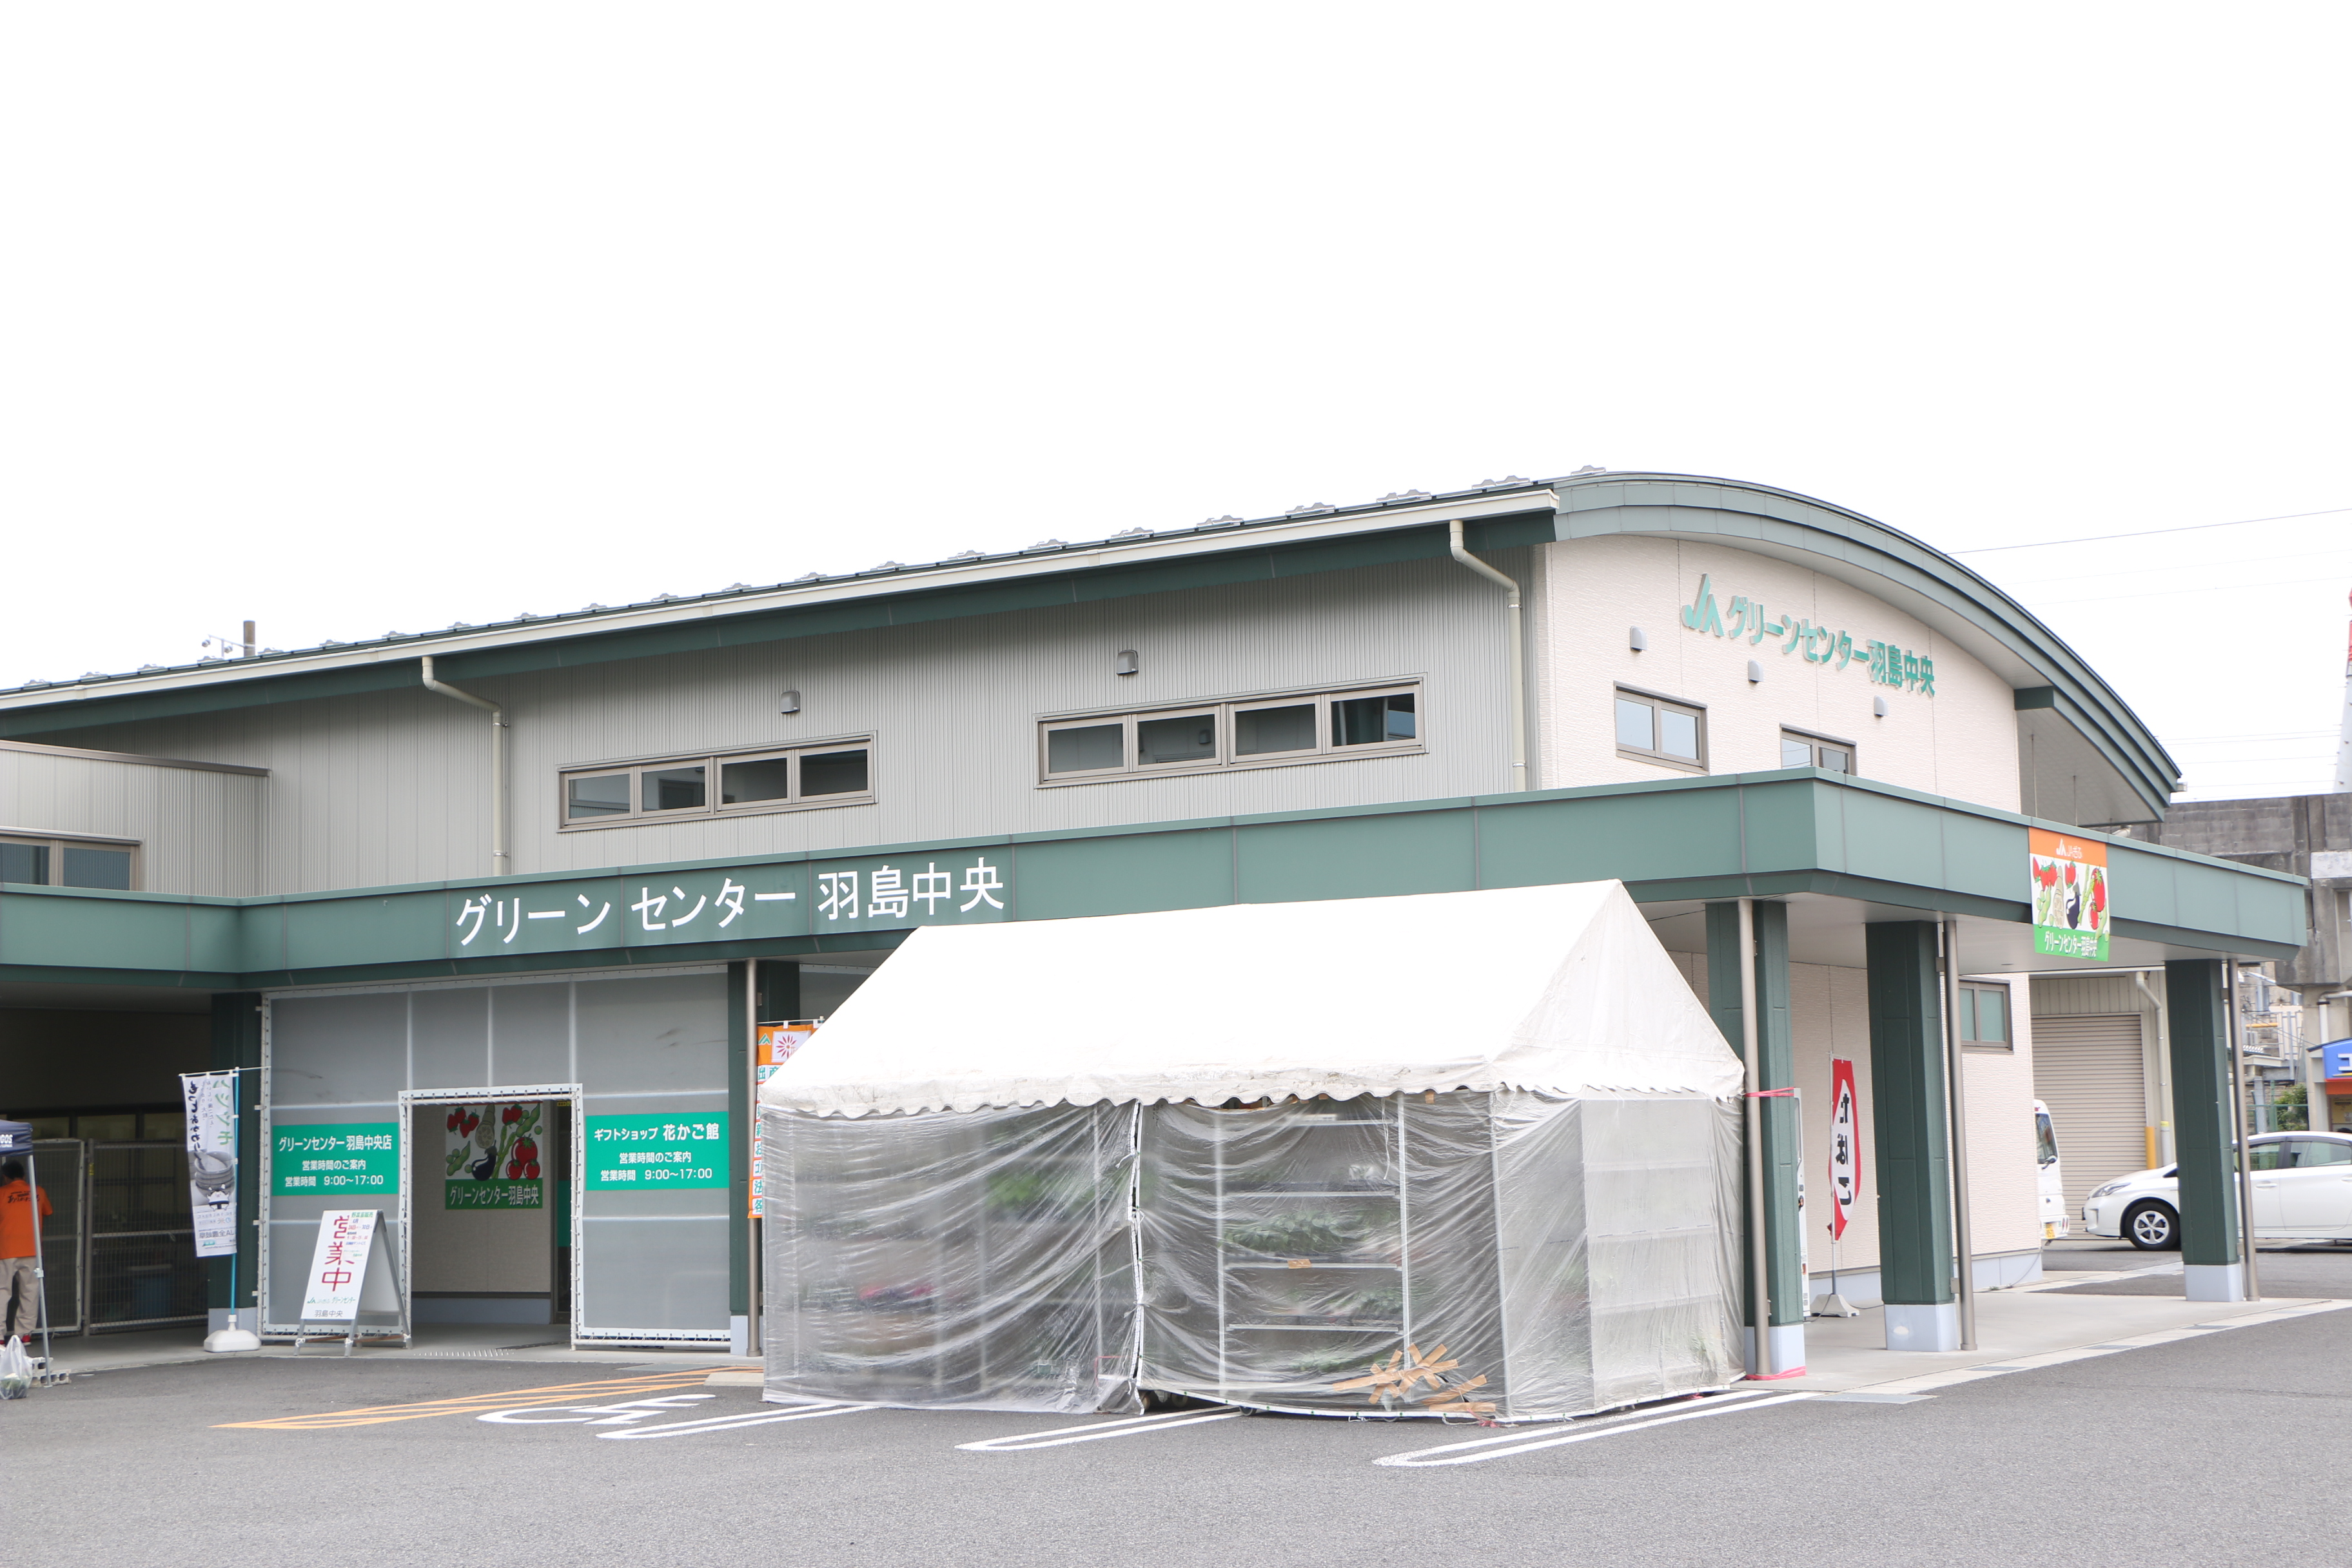 おんさい朝市 羽島中央グリーン